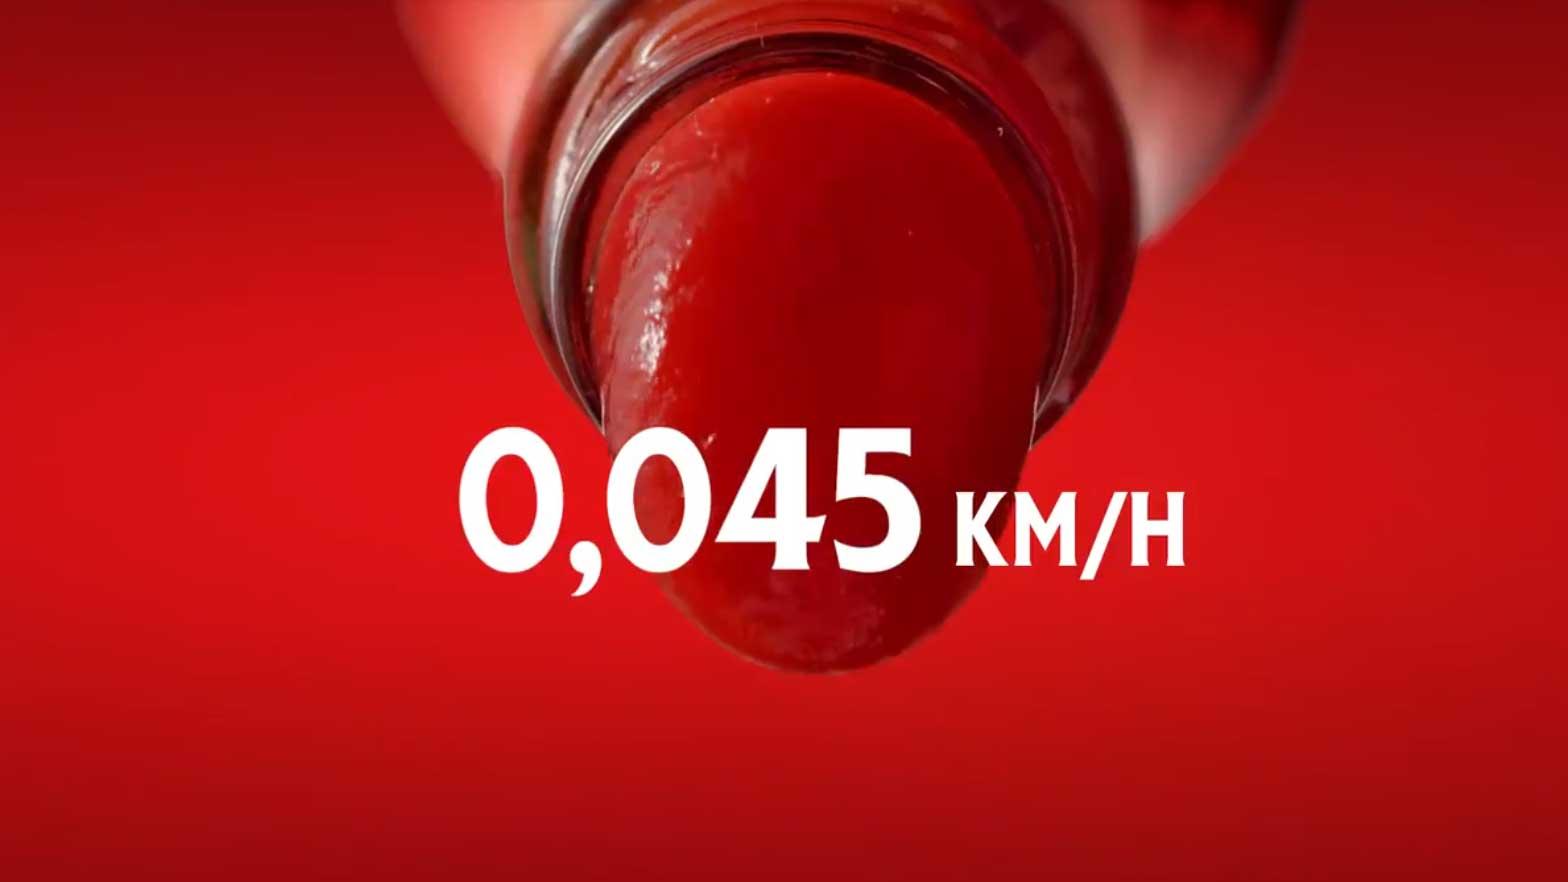 You are currently viewing Heinz Canada vous offre du ketchup gratuit si vous roulez à 0,045 km/h